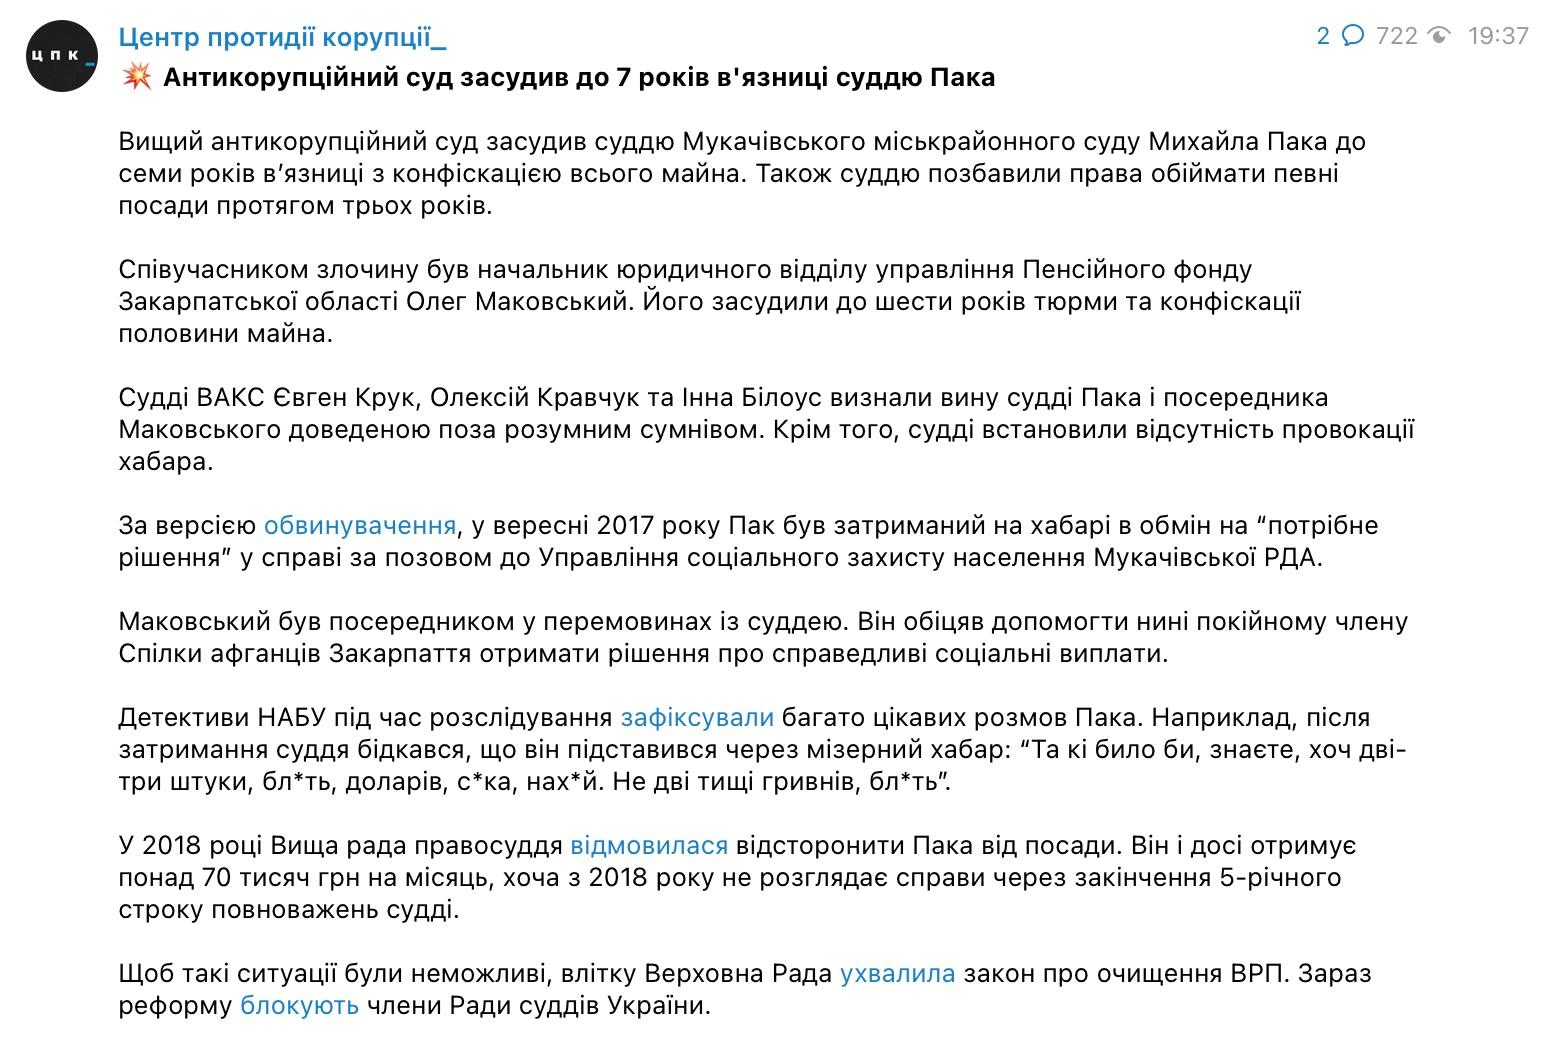 За взятку в 2000 грн. Антикорсуд приговорил судью из Мукачево к семи годам лишения свободы